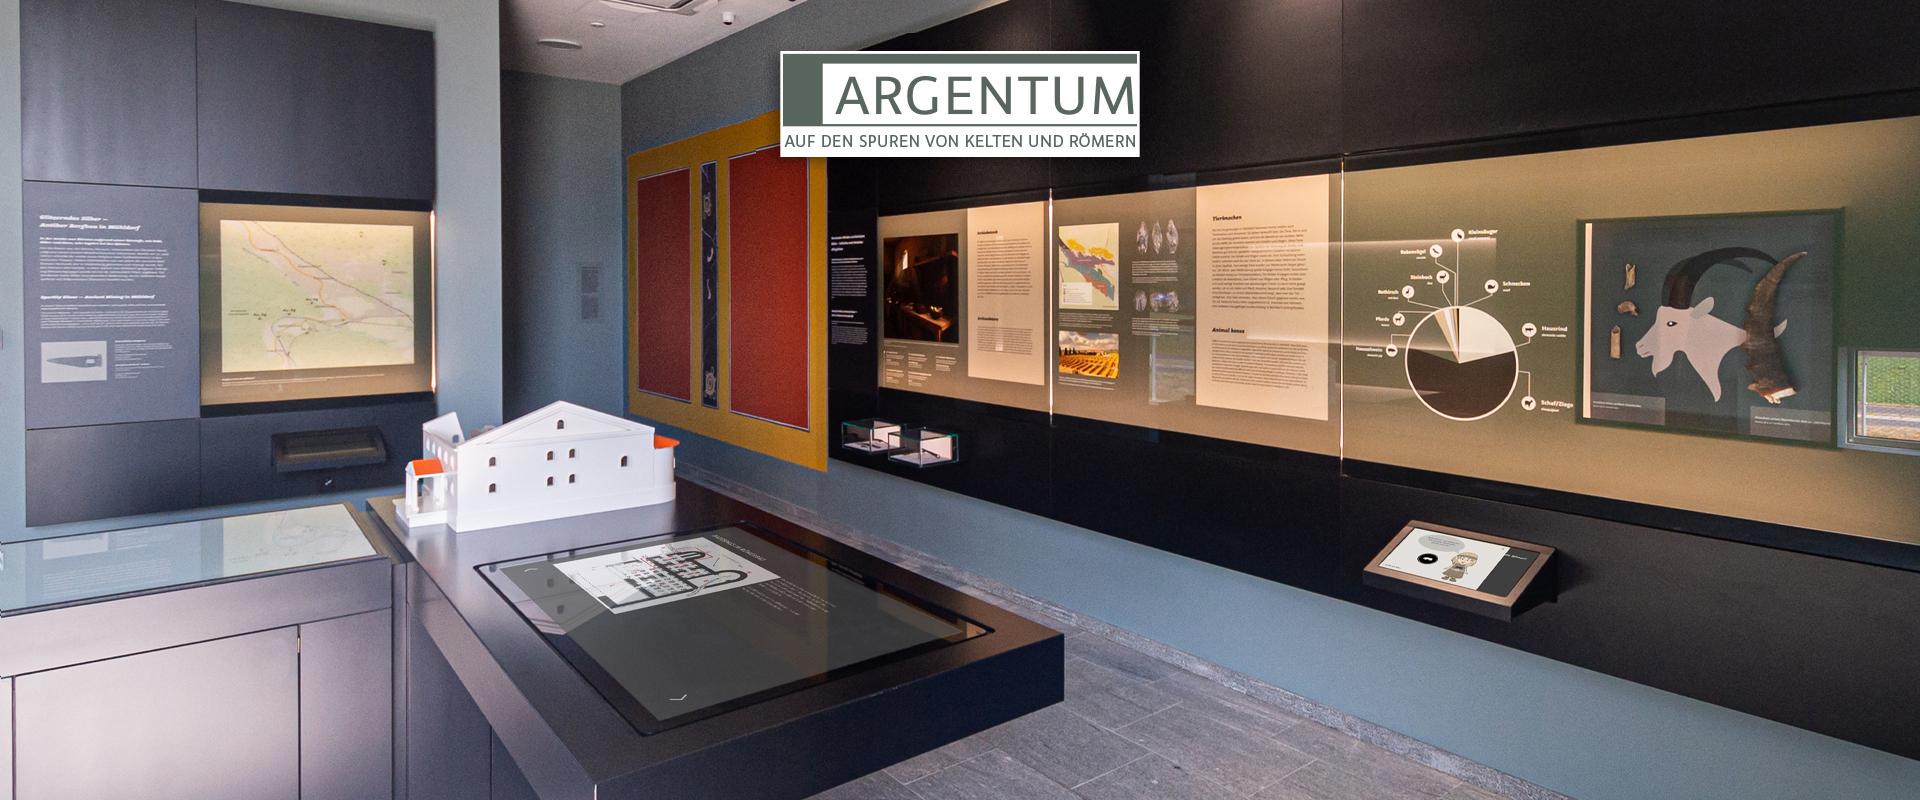 Blick in das Museum mit dem Modell des Römerbades im Vordergrund und der römischen Wandmalerei im Hintergrund.